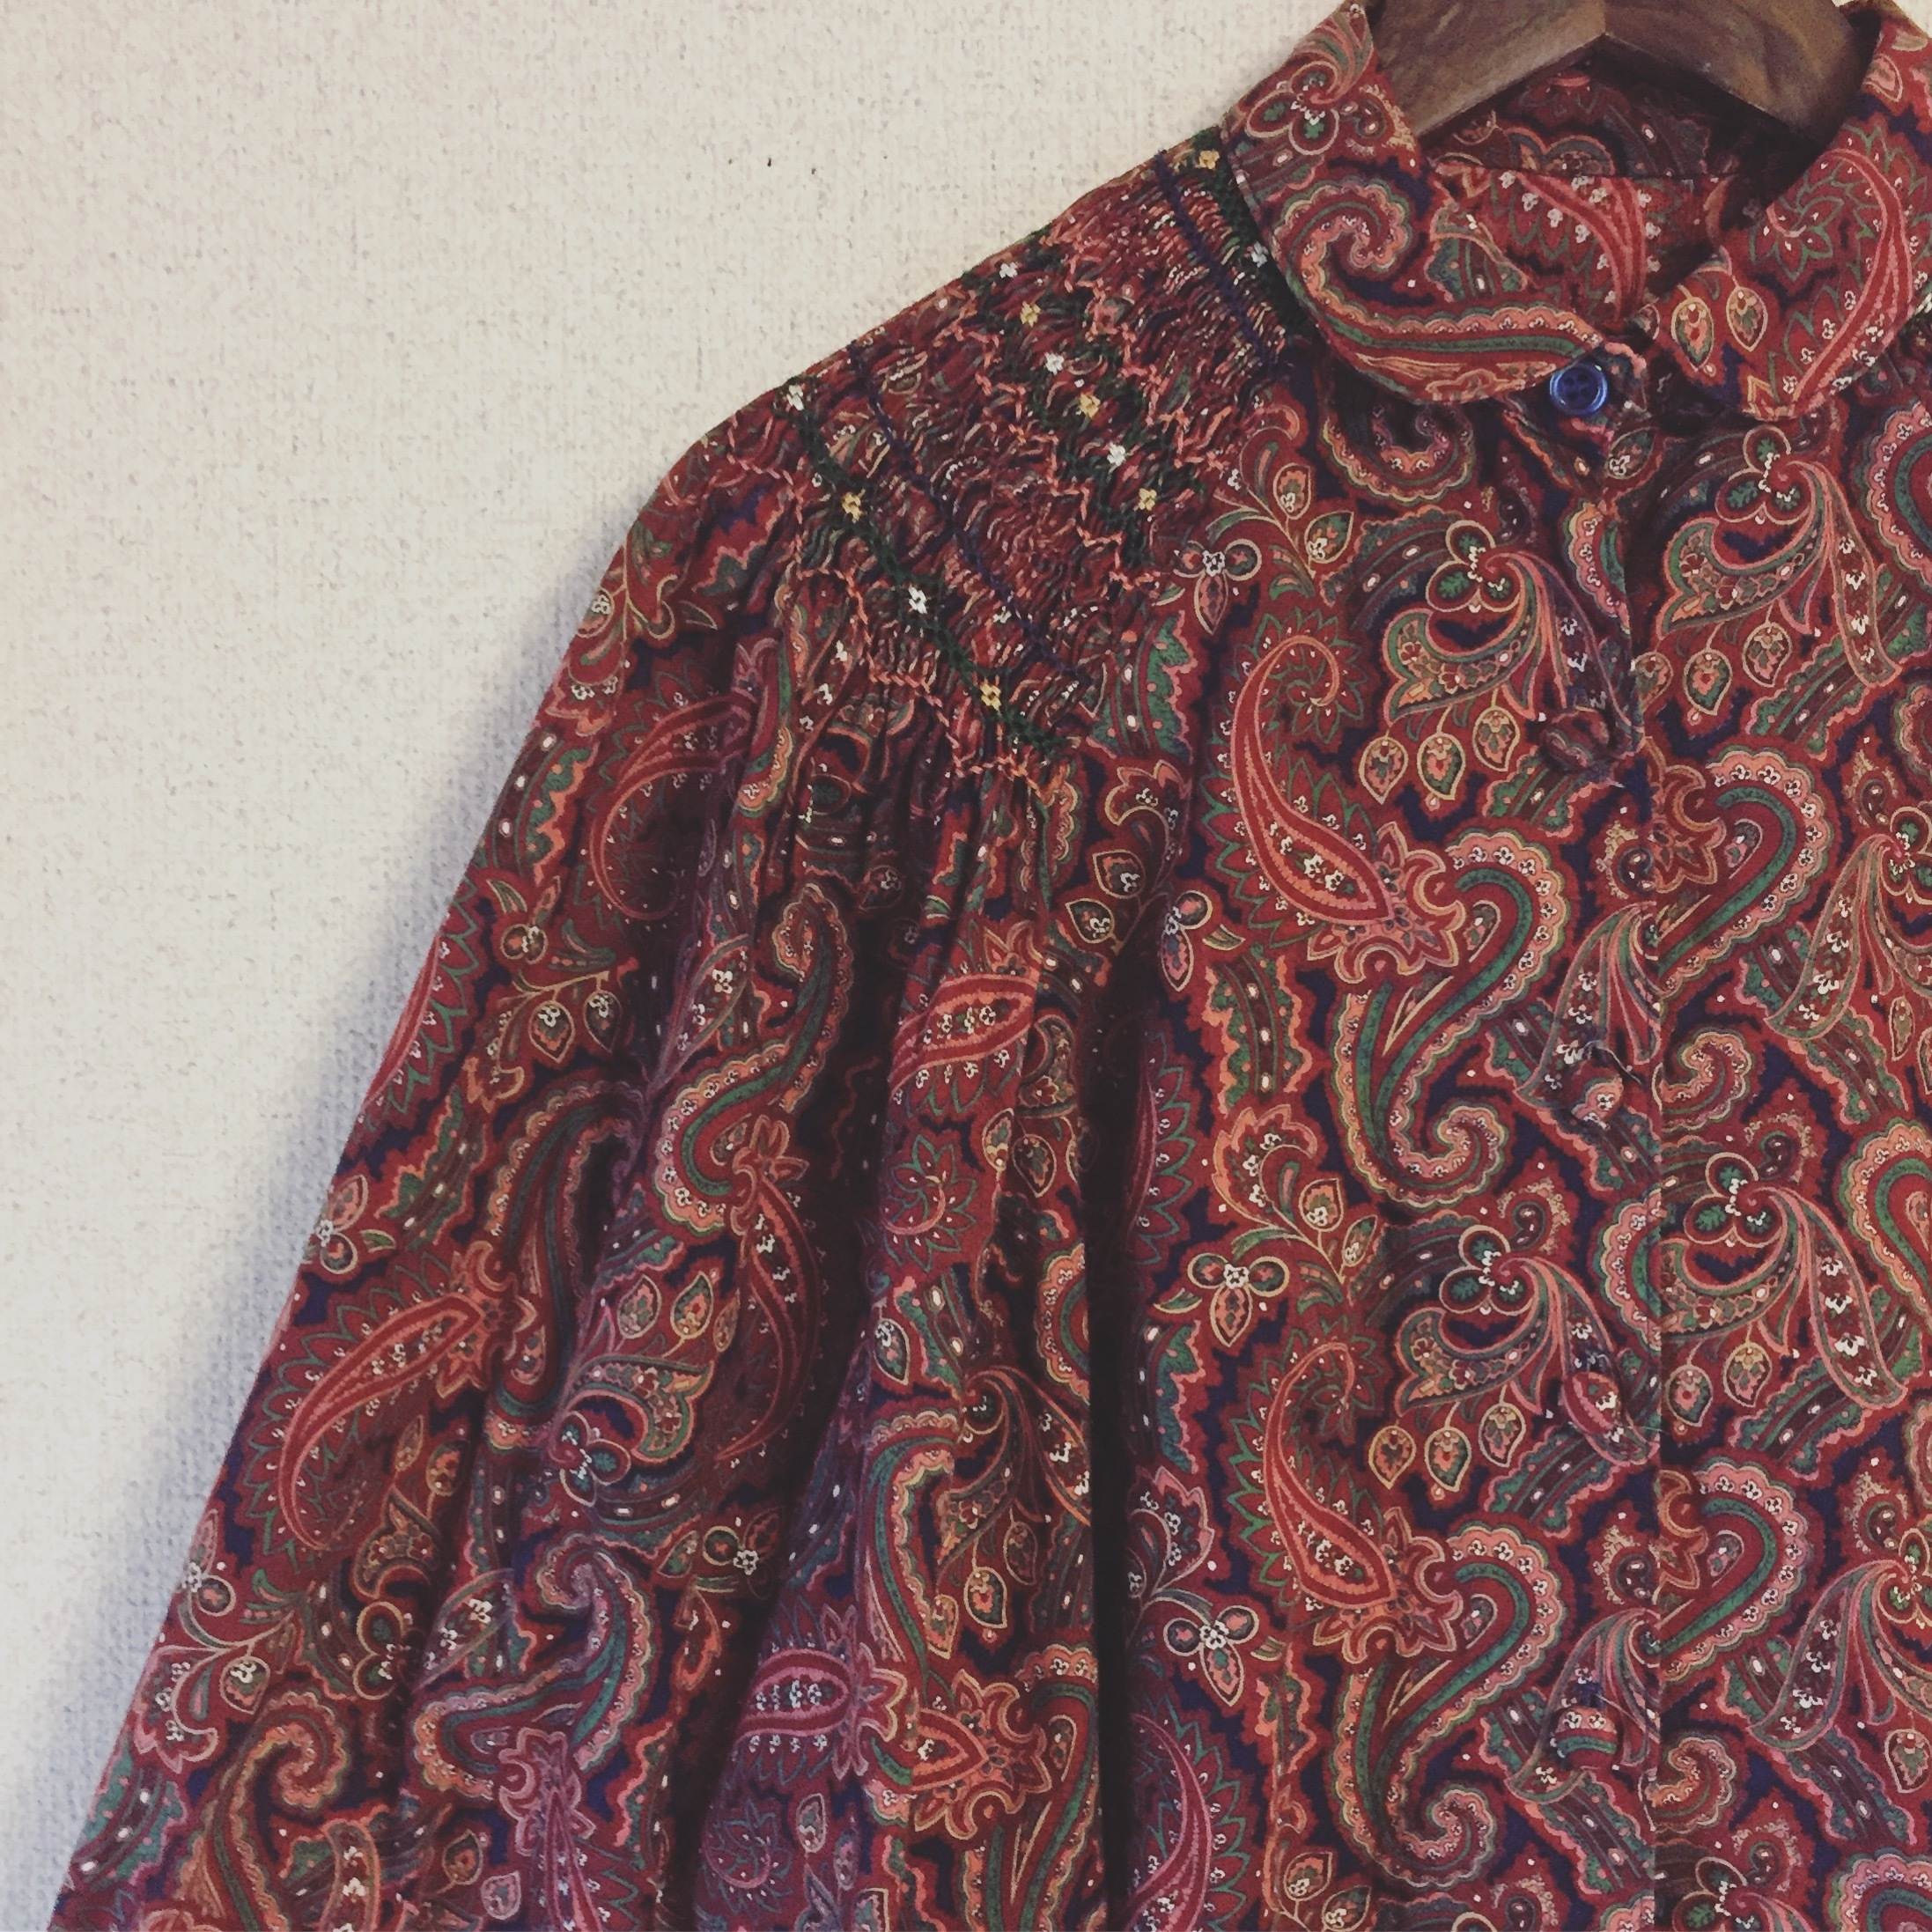 vintage wide sleeve paisley tops